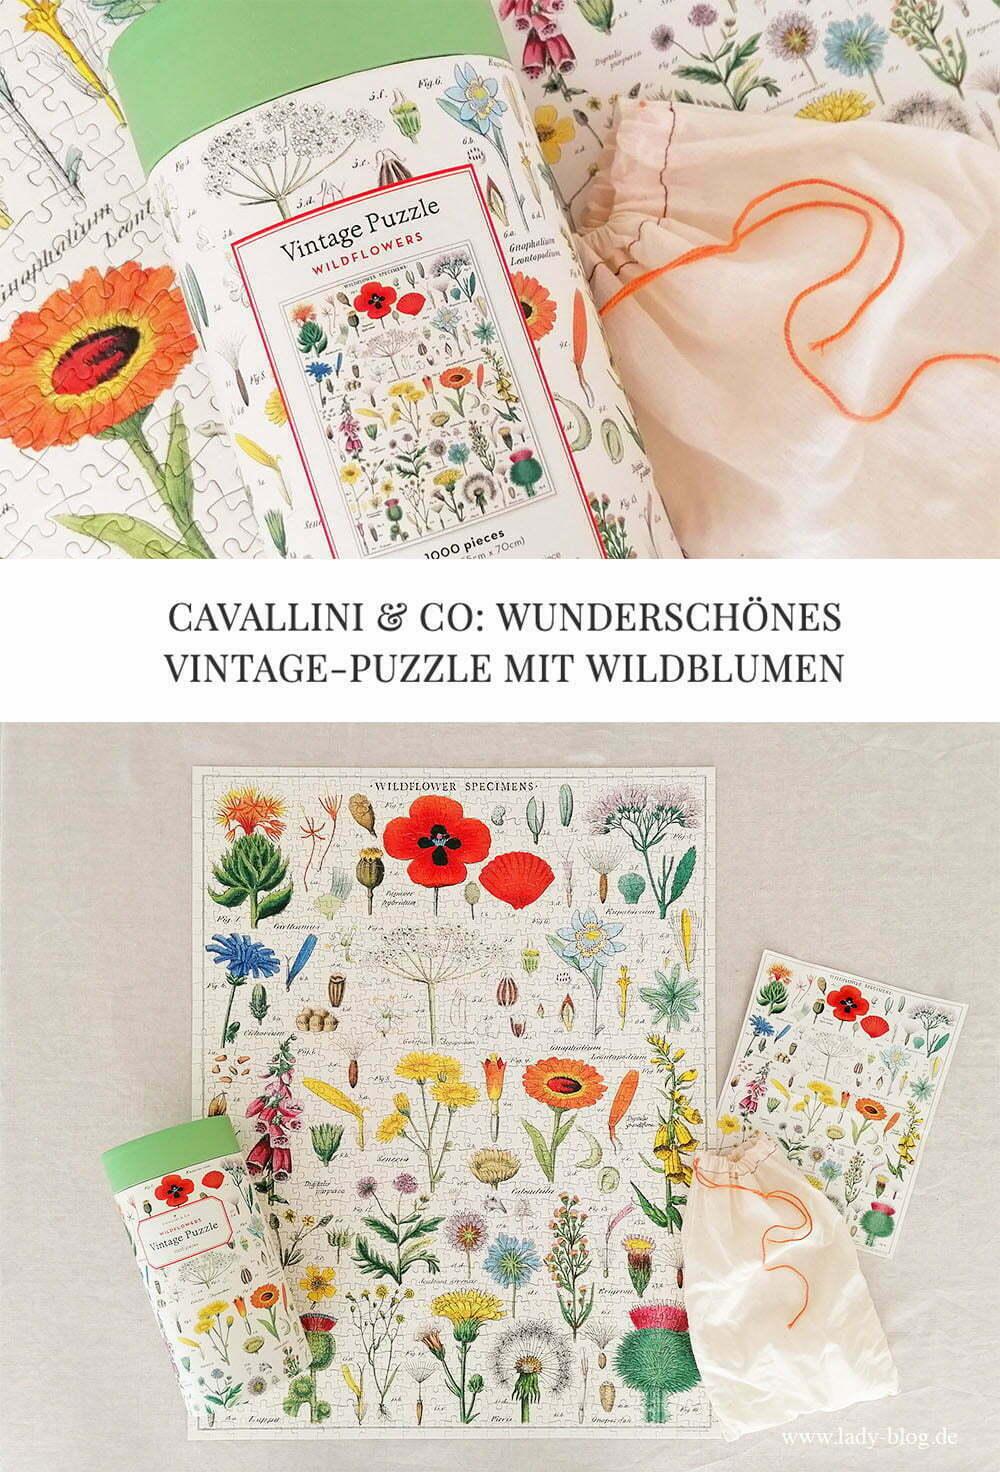 Cavallini Vintage Puzzle Wildflowers